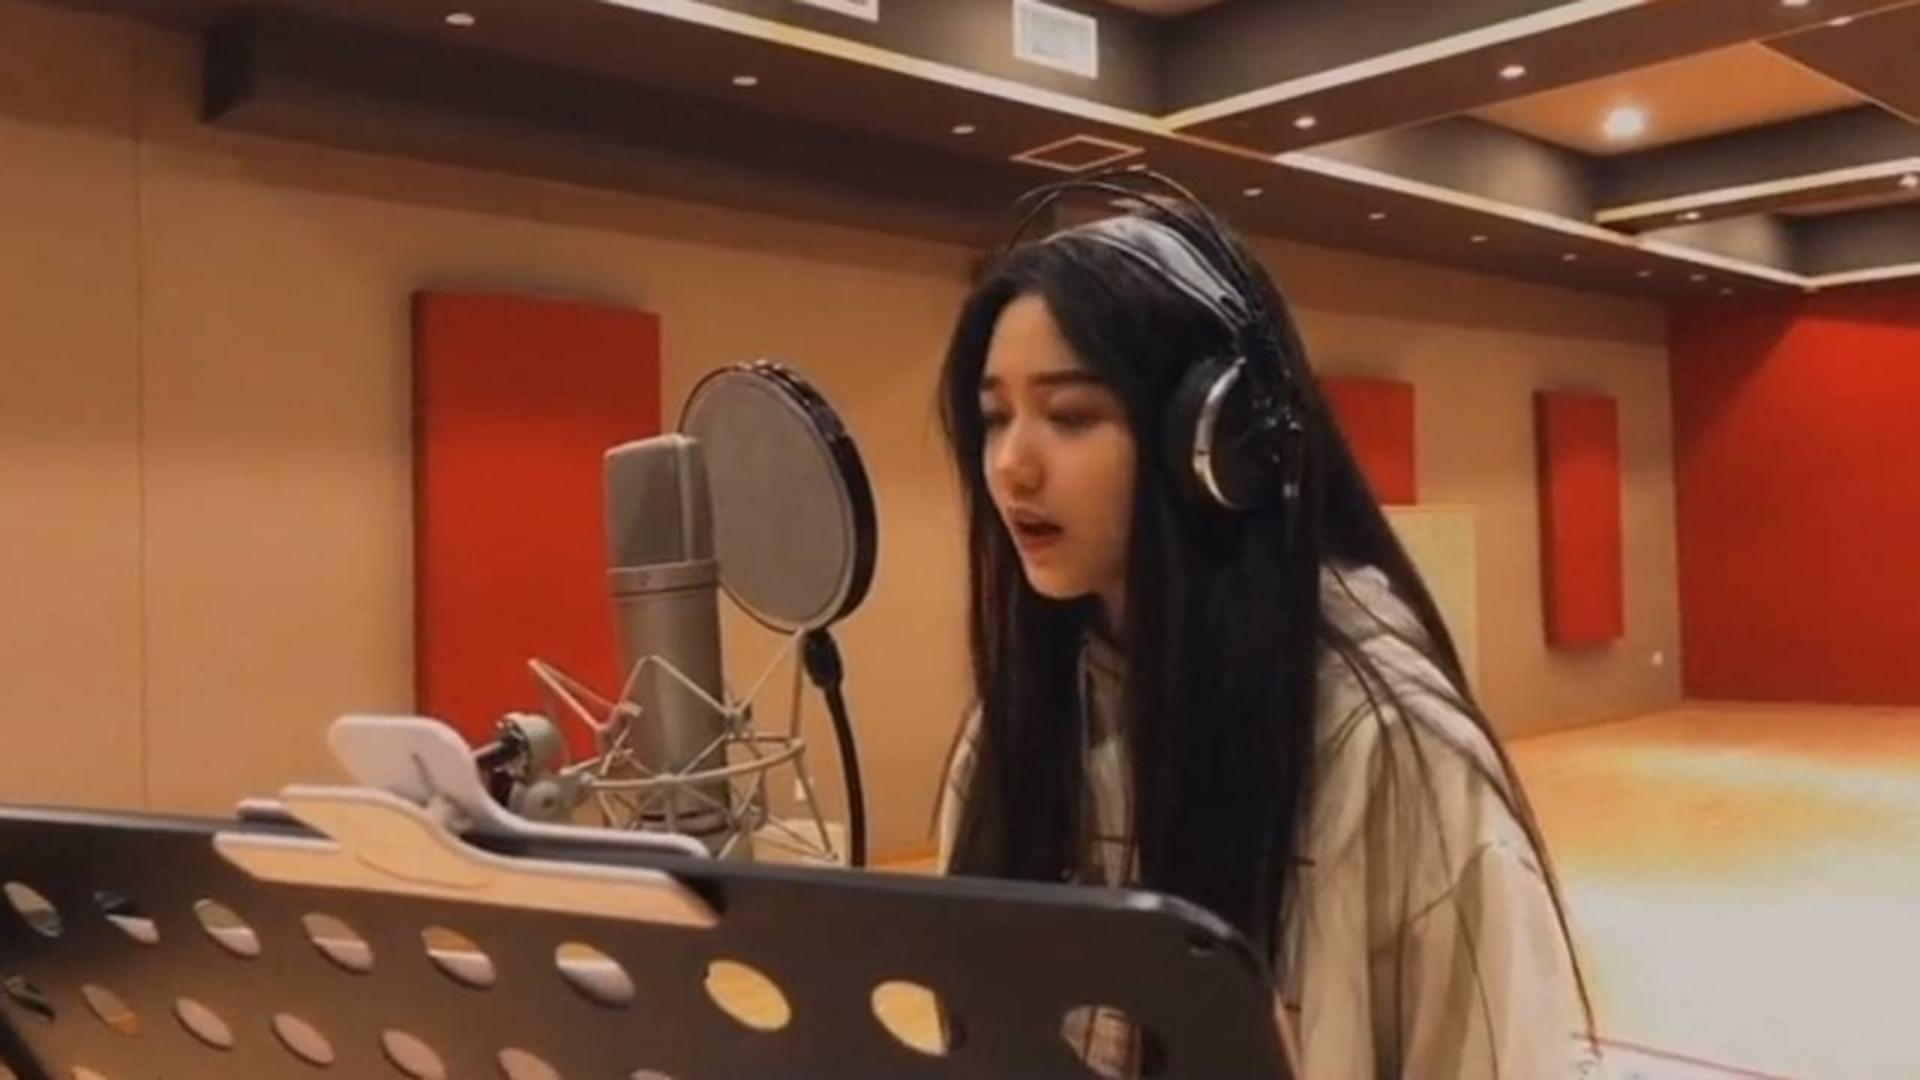 最近这位可爱女孩唱歌走红,翻唱唱出150万粉丝,网友:实力派